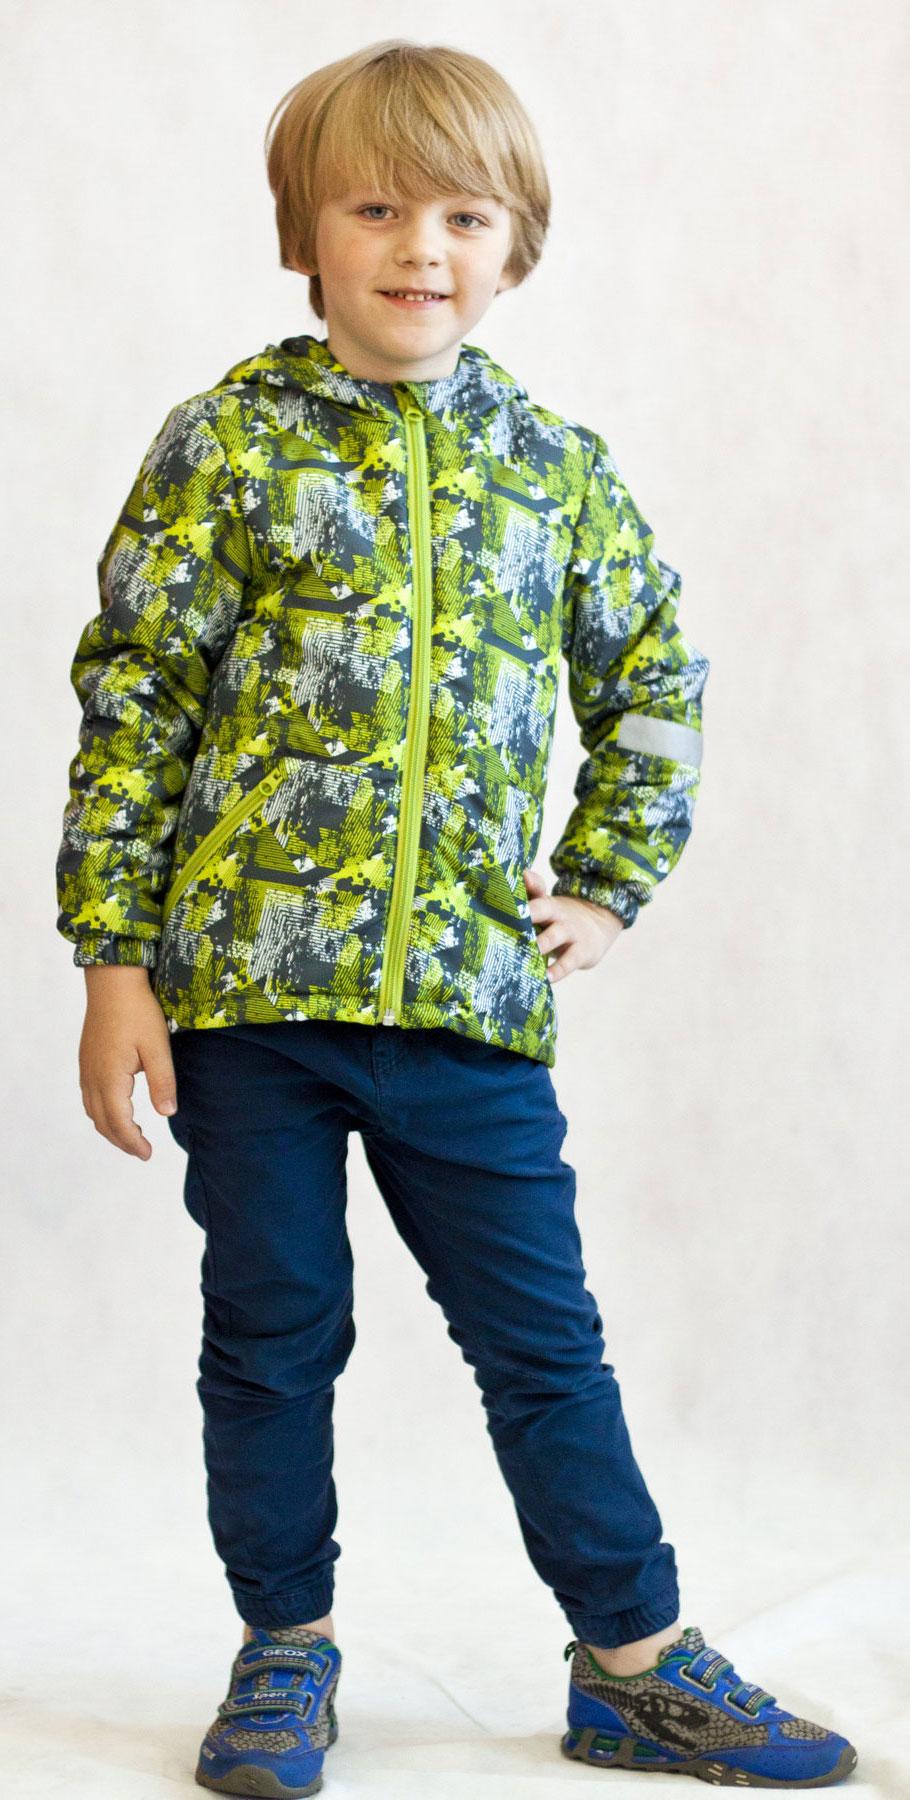 2К1719Легкая и удобная весенняя куртка для юных модников от Jicco By Oldos. Благодаря утеплителю плотностью 100 г/м2 куртку можно носить при температуре +10…-5 С. Она прекрасно защитит от ветра и весеннего дождика. Куртка имеет все самое необходимое для комфортной носки. Внутренняя ветрозащитная планка по всей длине молнии с защитой подбородка от прищемления. Низ куртки регулируется по ширине. Капюшон не съемный, для лучшего прилегания по краям вшита резинка. Манжеты присобраны на резинку. Есть светоотражающие элементы и карманы на молнии.